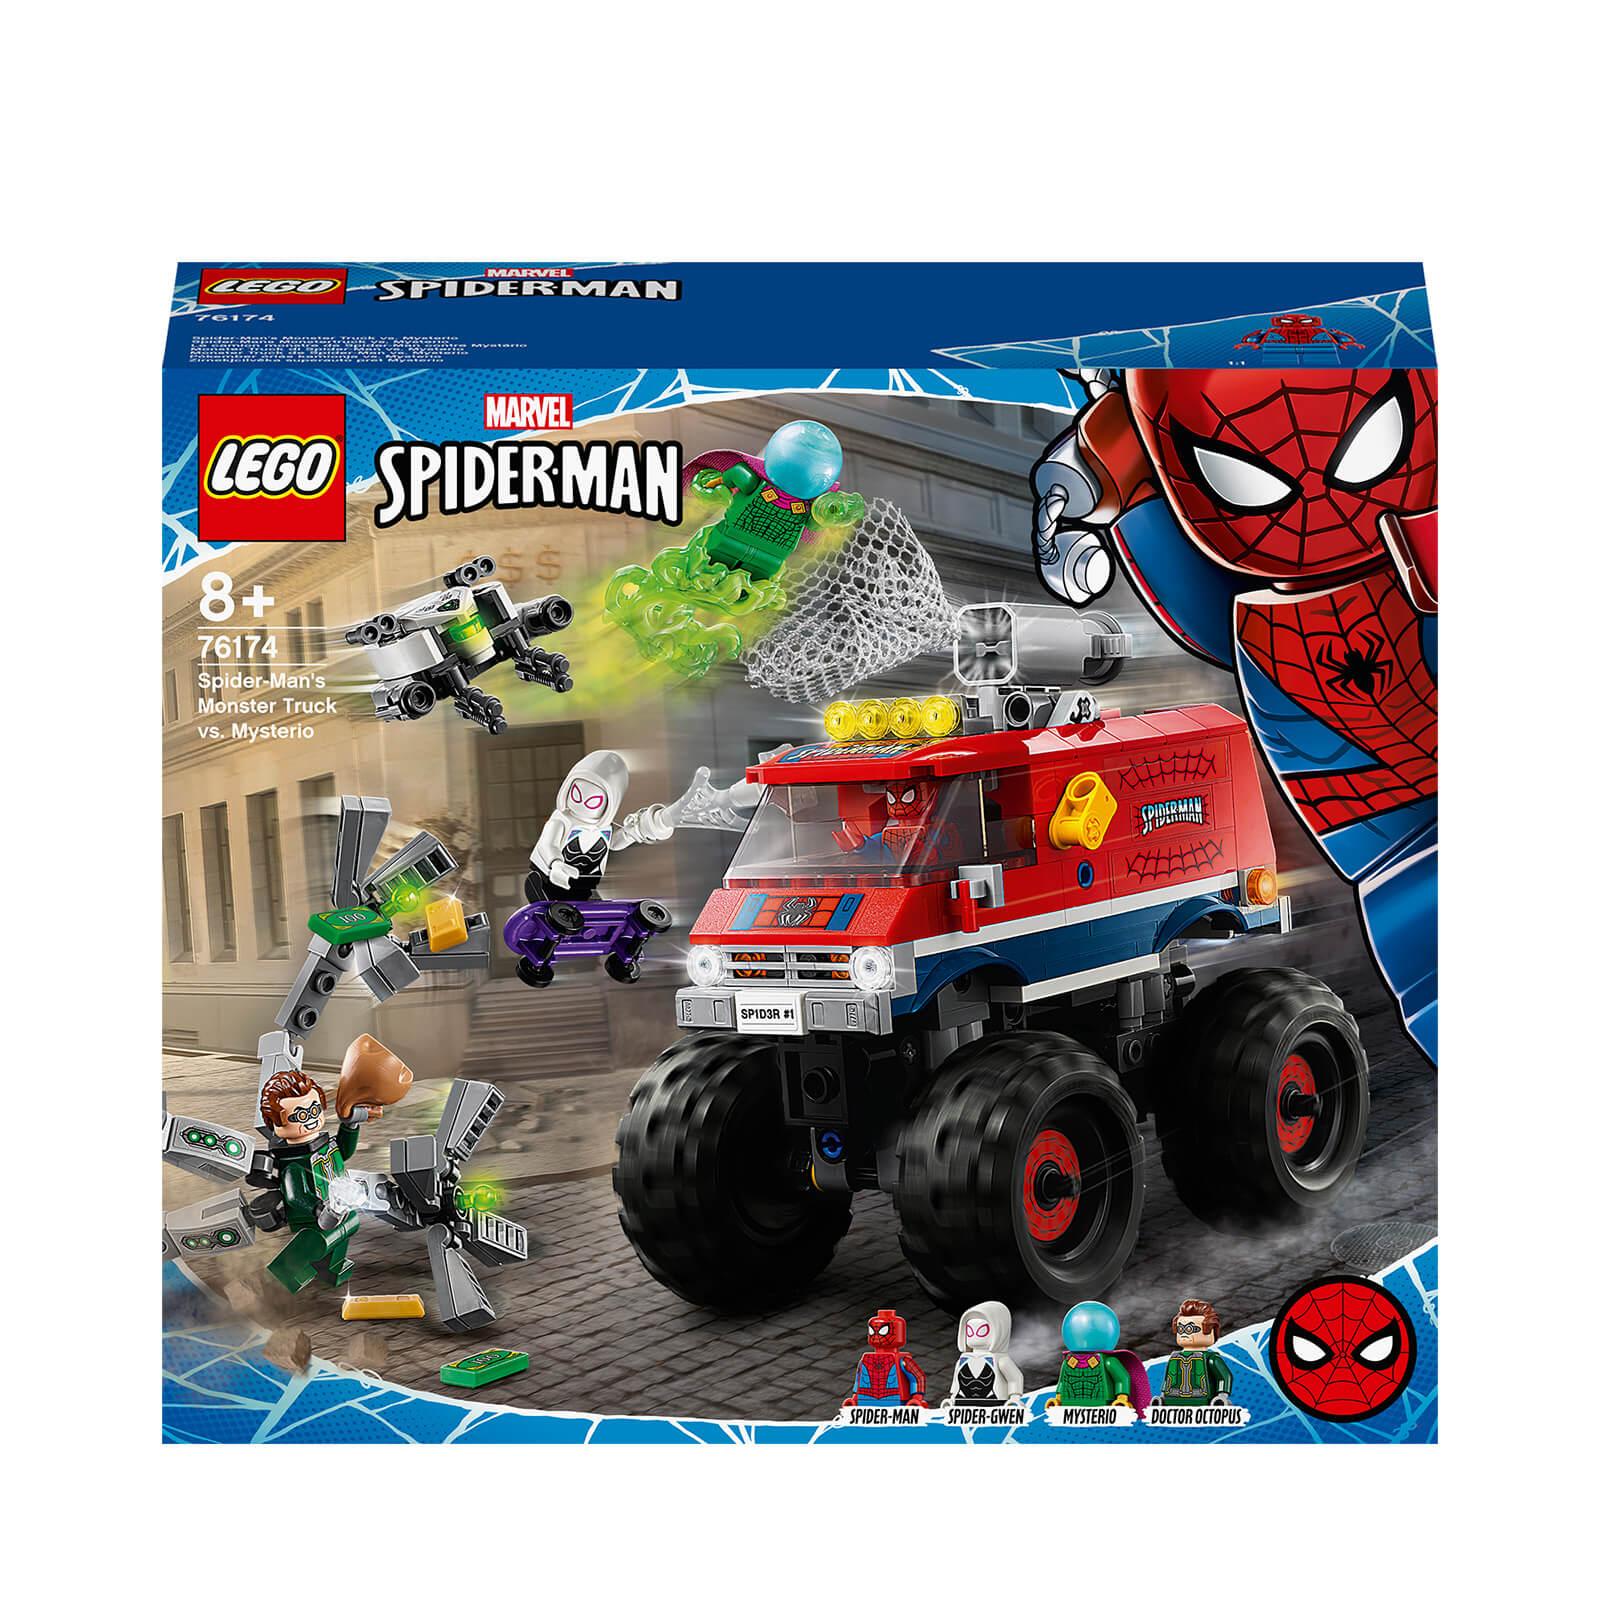 LEGO Marvel Spider Mans Monster Truck Vs Mysterio Toy (76174)